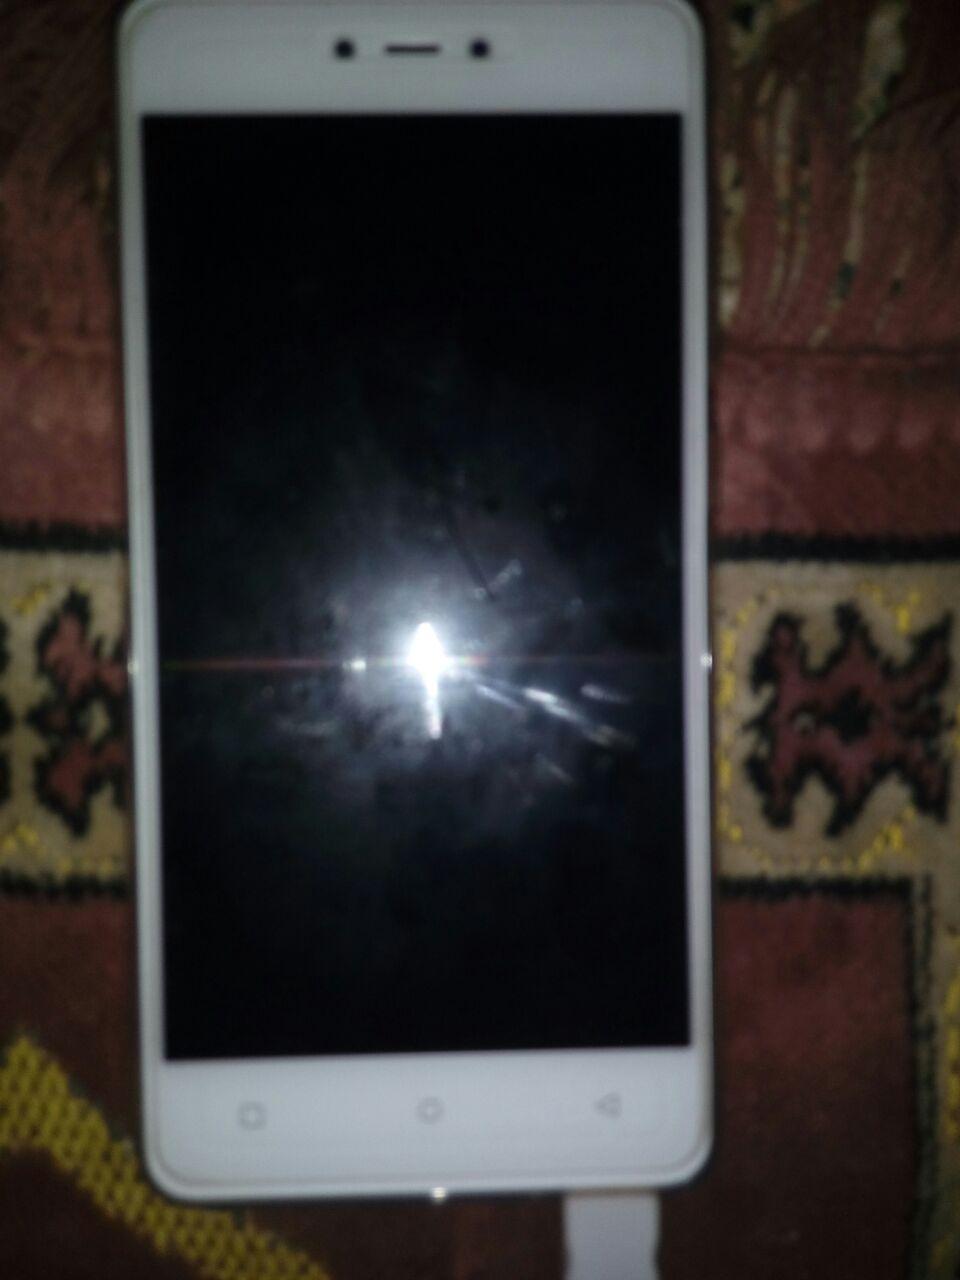 QMobile Noir LT700 Pro image